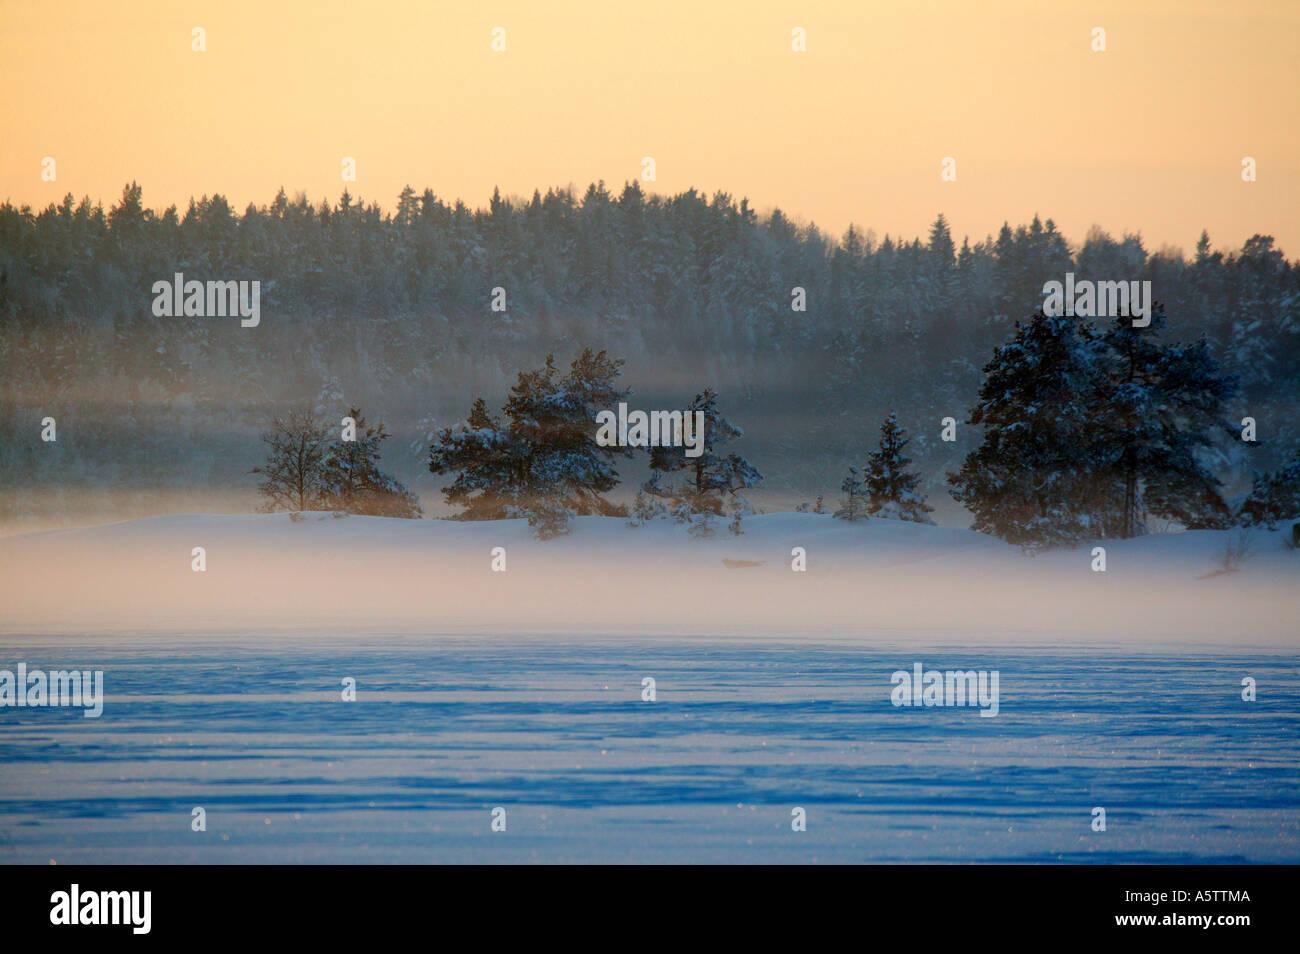 Erstaunlich Winterabend im See Vansjø, råde Kommune, Østfold fylke, Norwegen. Stockbild